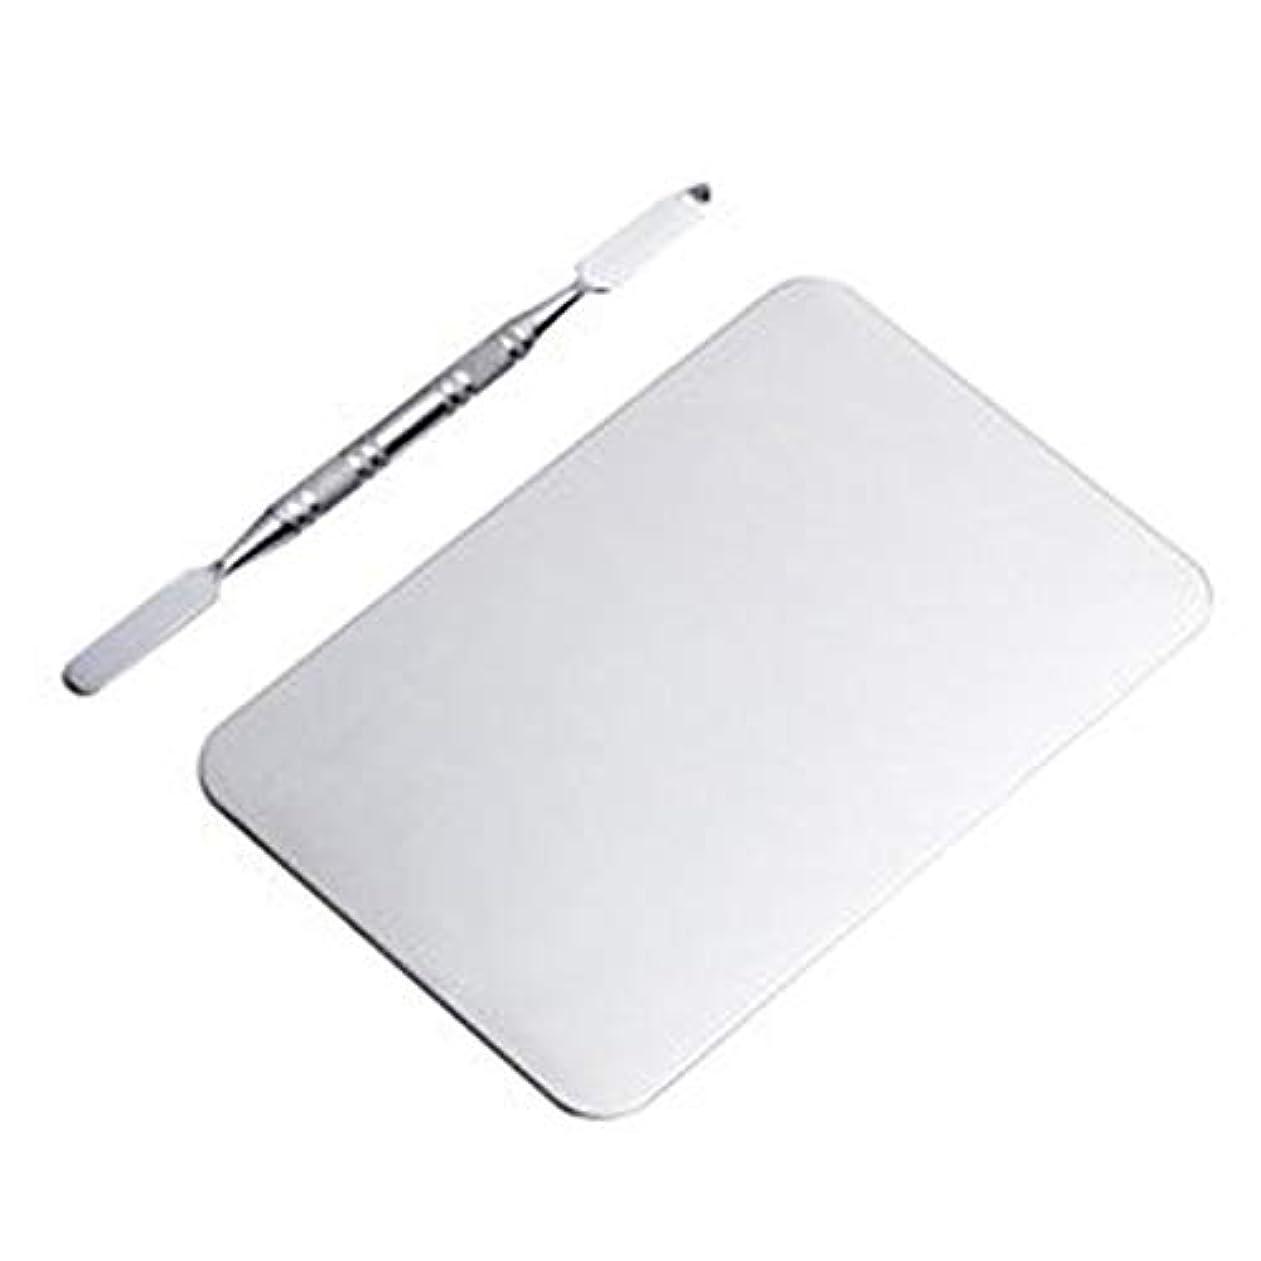 カカドゥ壮大国家サロン マニキュア カラーパレット メイクアップクリームファンデーションミキシングパレット 化粧品メイクアップツール ステンレス鋼板(115x75MM) (Color : Nonporous)